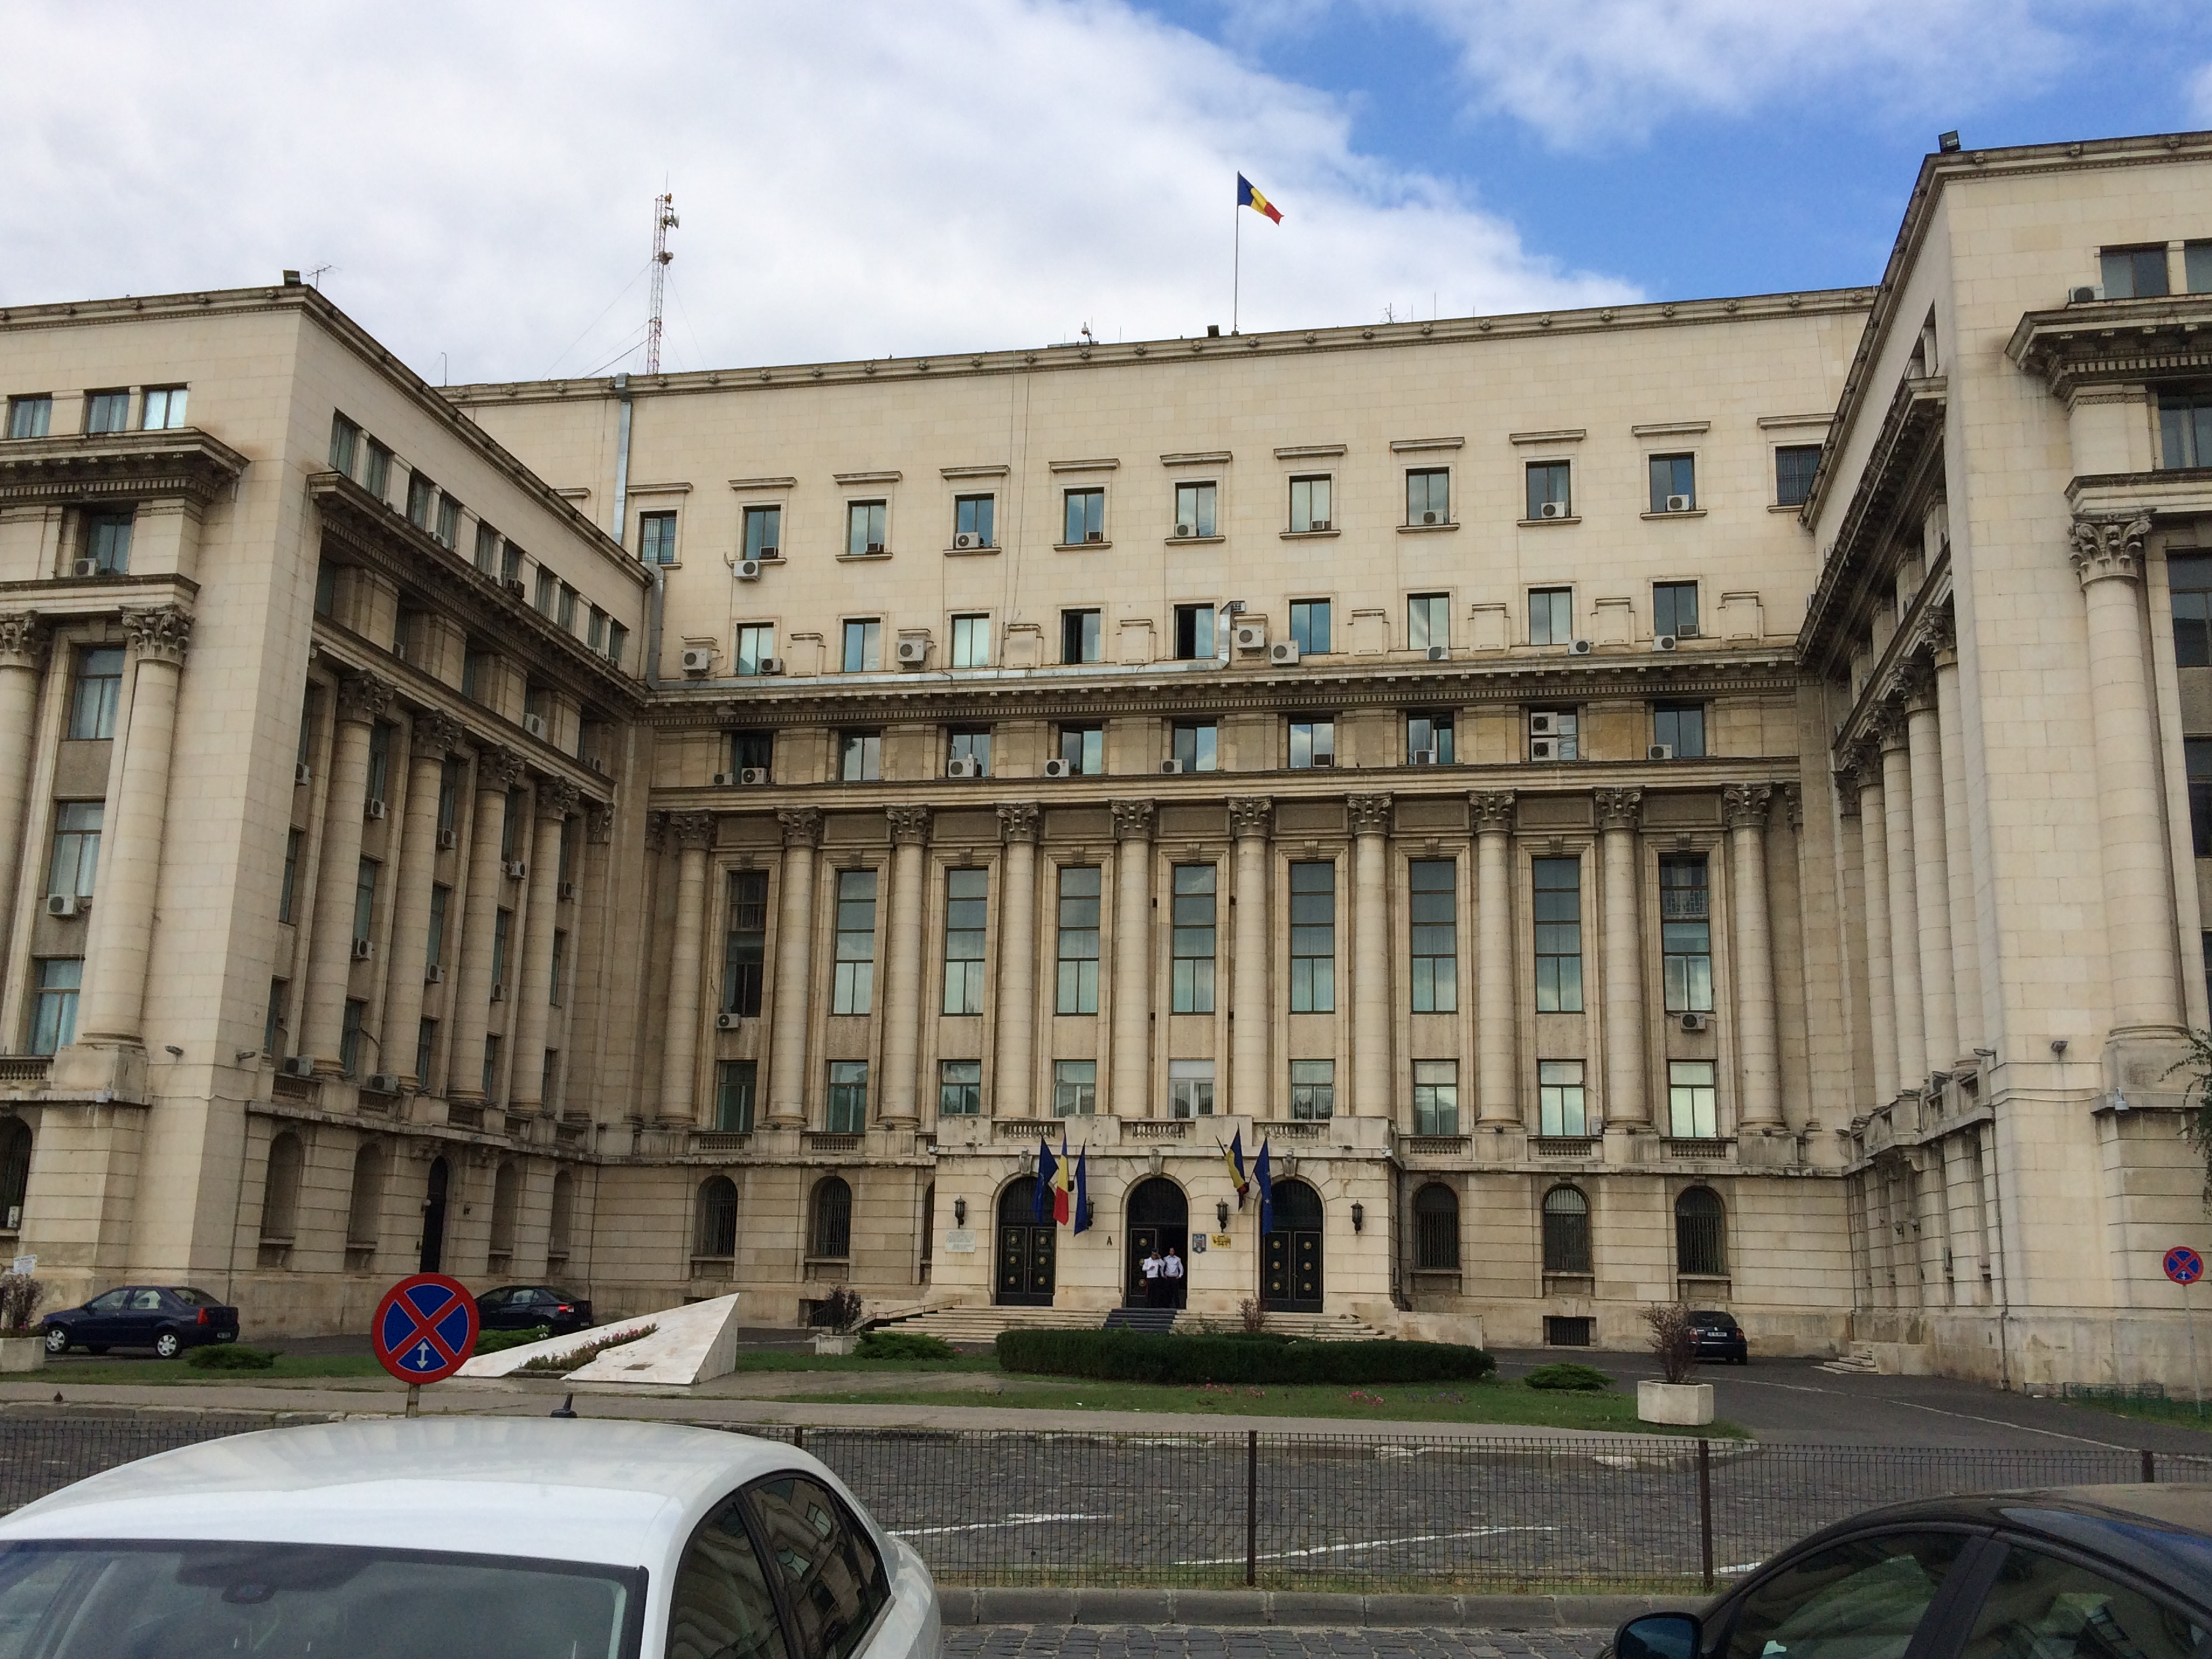 なんかの行政機関っぽい建物